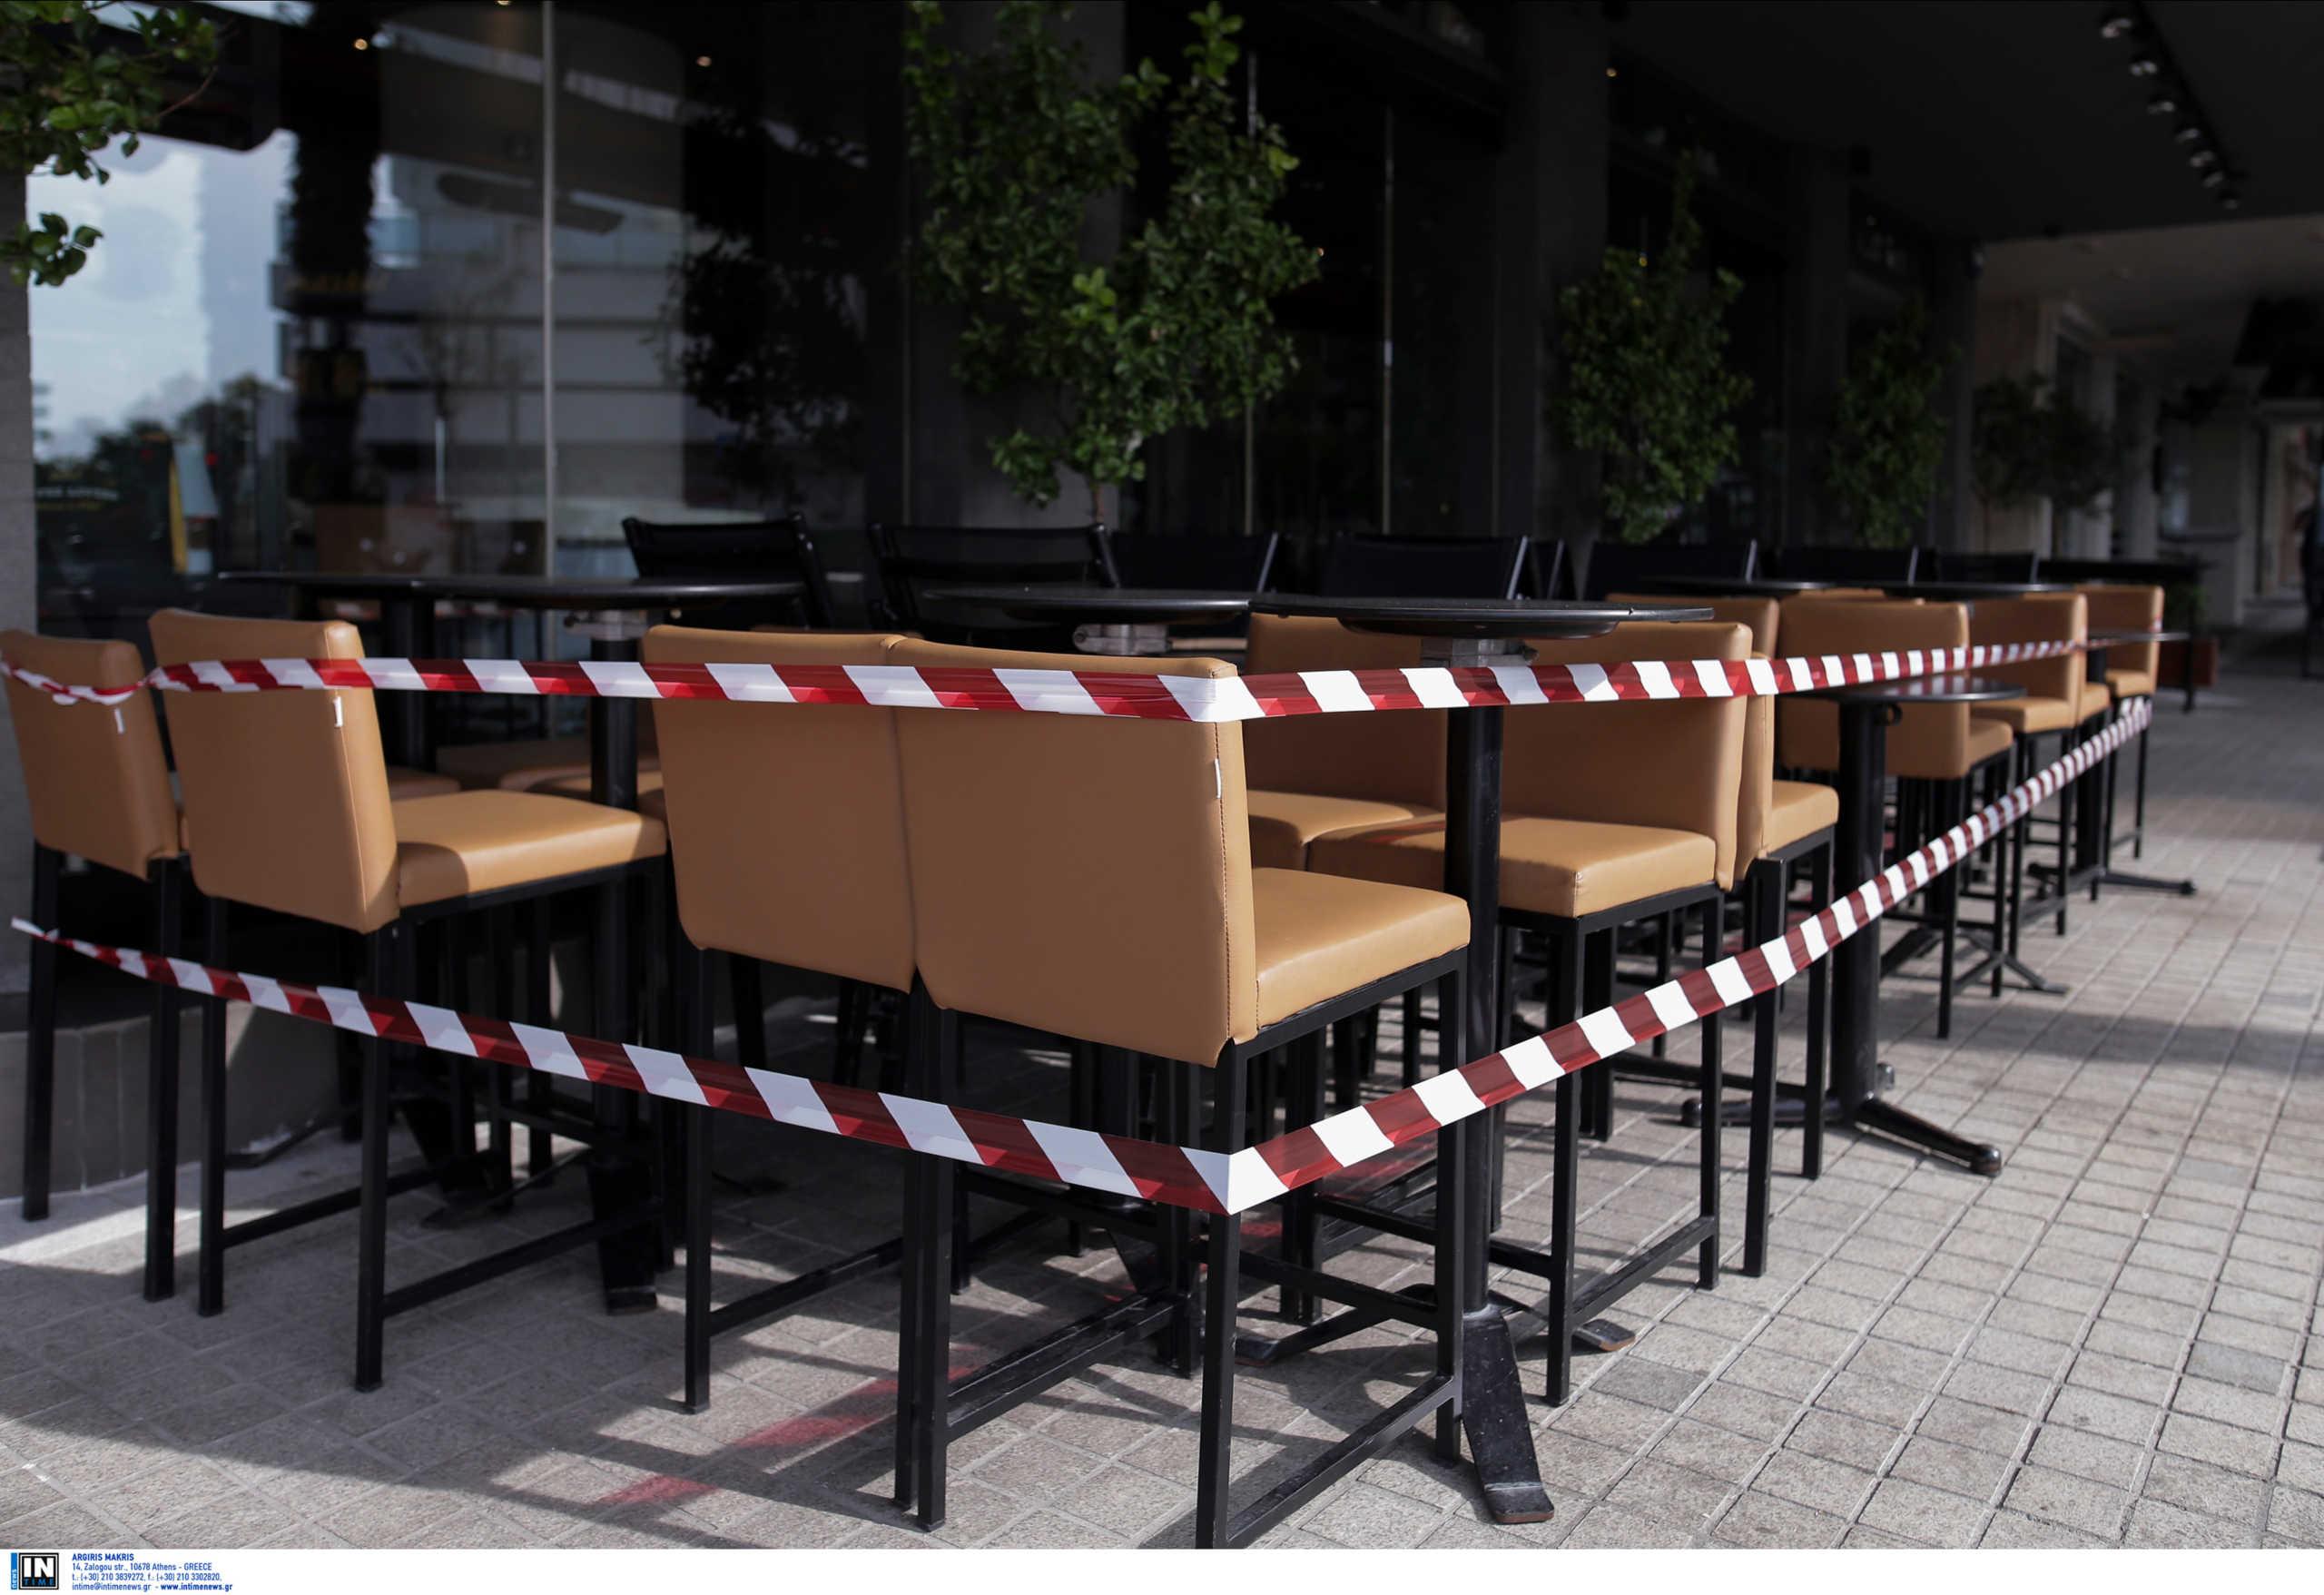 Κορονοϊός: Όλα τα μέτρα στήριξης εργαζομένων και επιχειρήσεων που ανακοίνωσε ο Σταϊκούρας